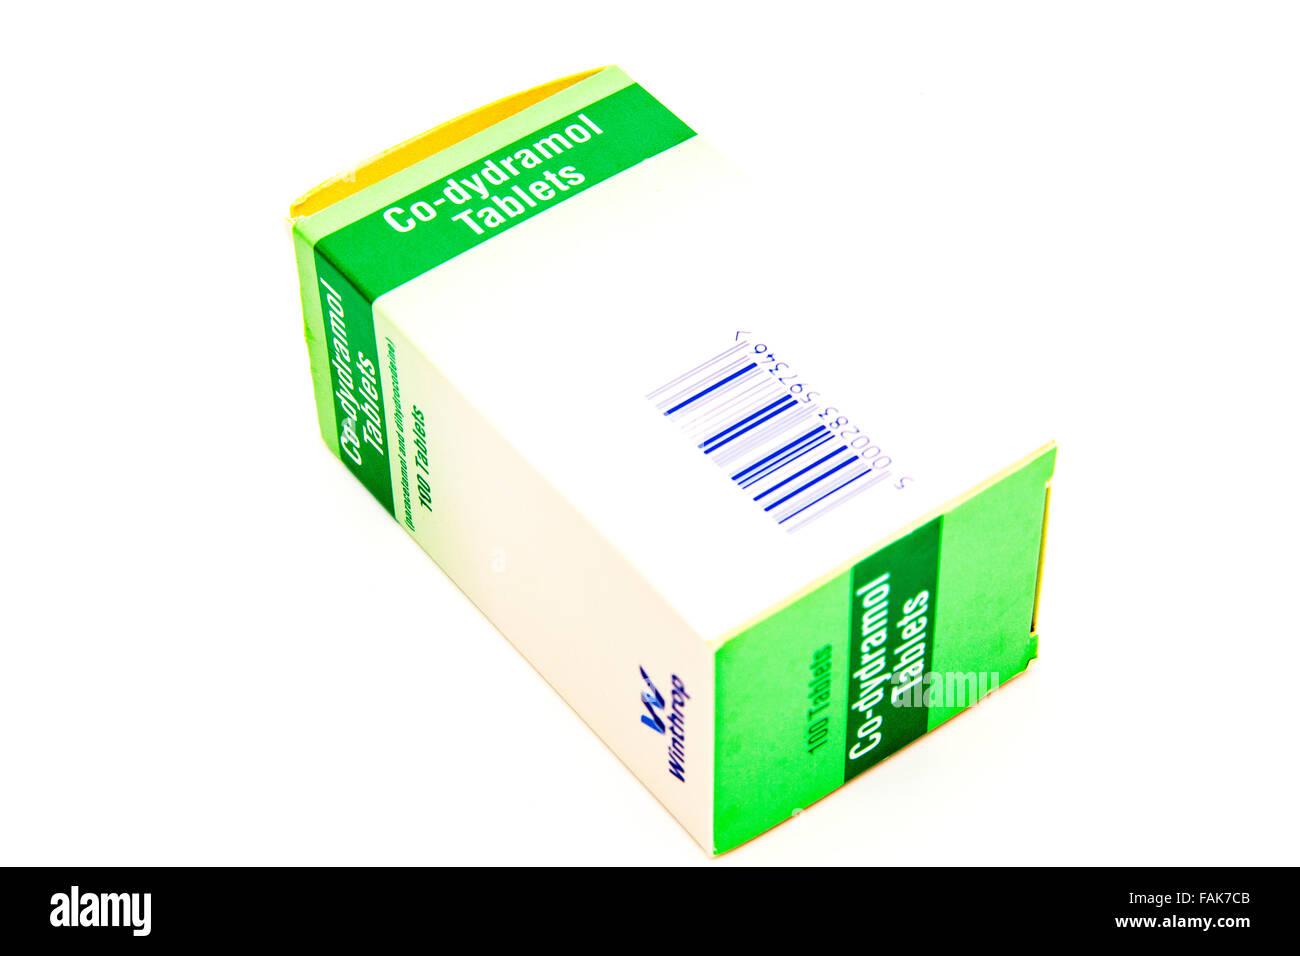 Co-dydramol compresse trattamento trattare dolore moderato-idrocodeina tartrato e paracetamolo casella medicina Immagini Stock